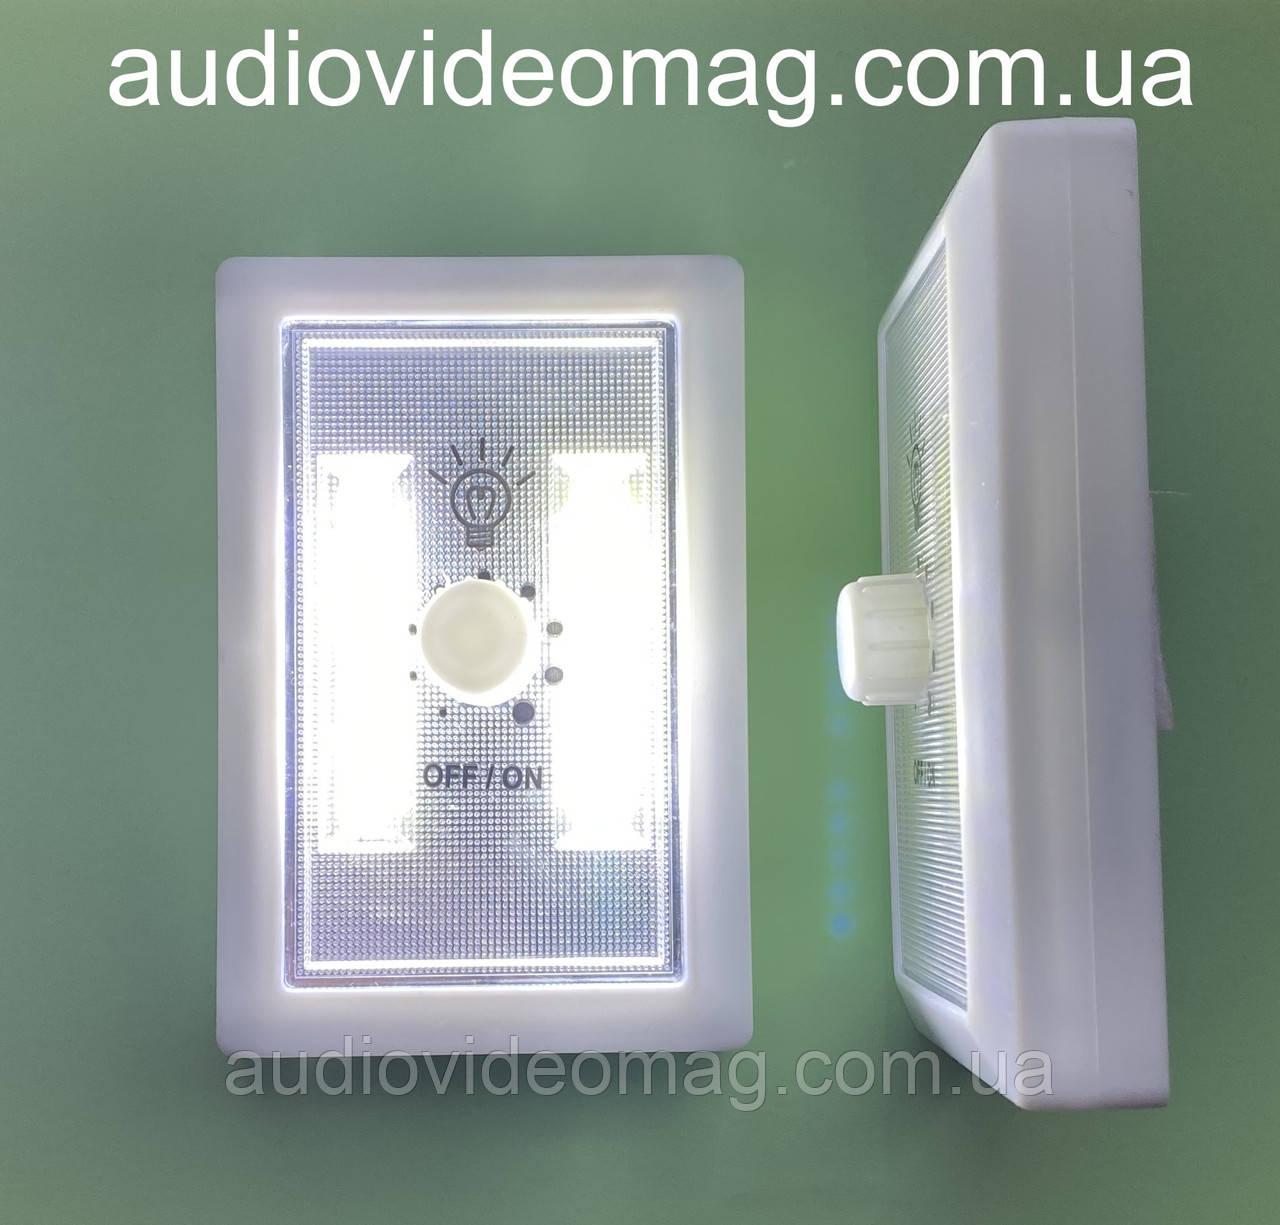 Світлодіодний світильник з диммером (регулюванням світіння) на 3 ААА батарейках